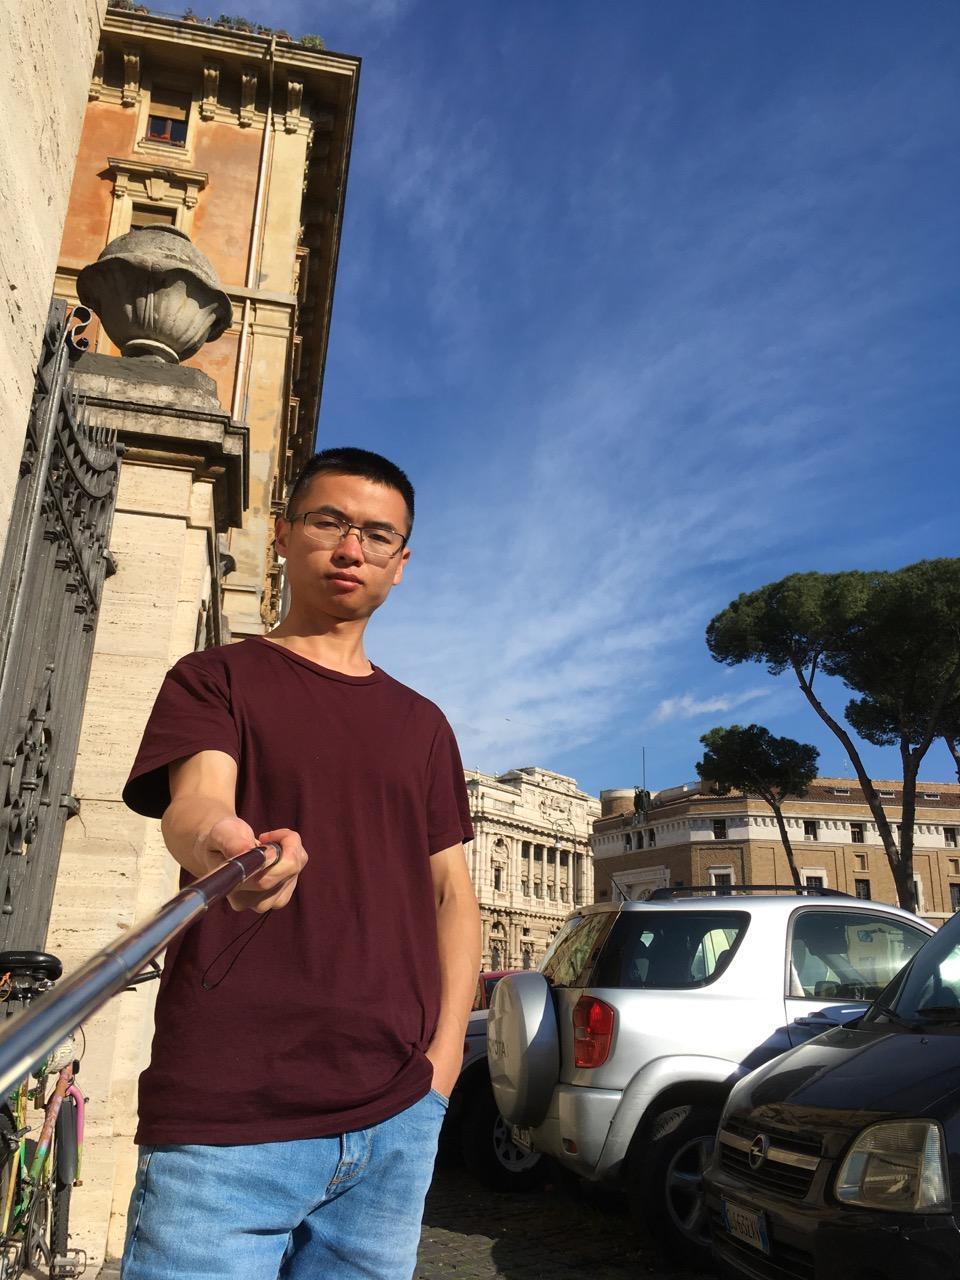 记录一下我的罗马假日